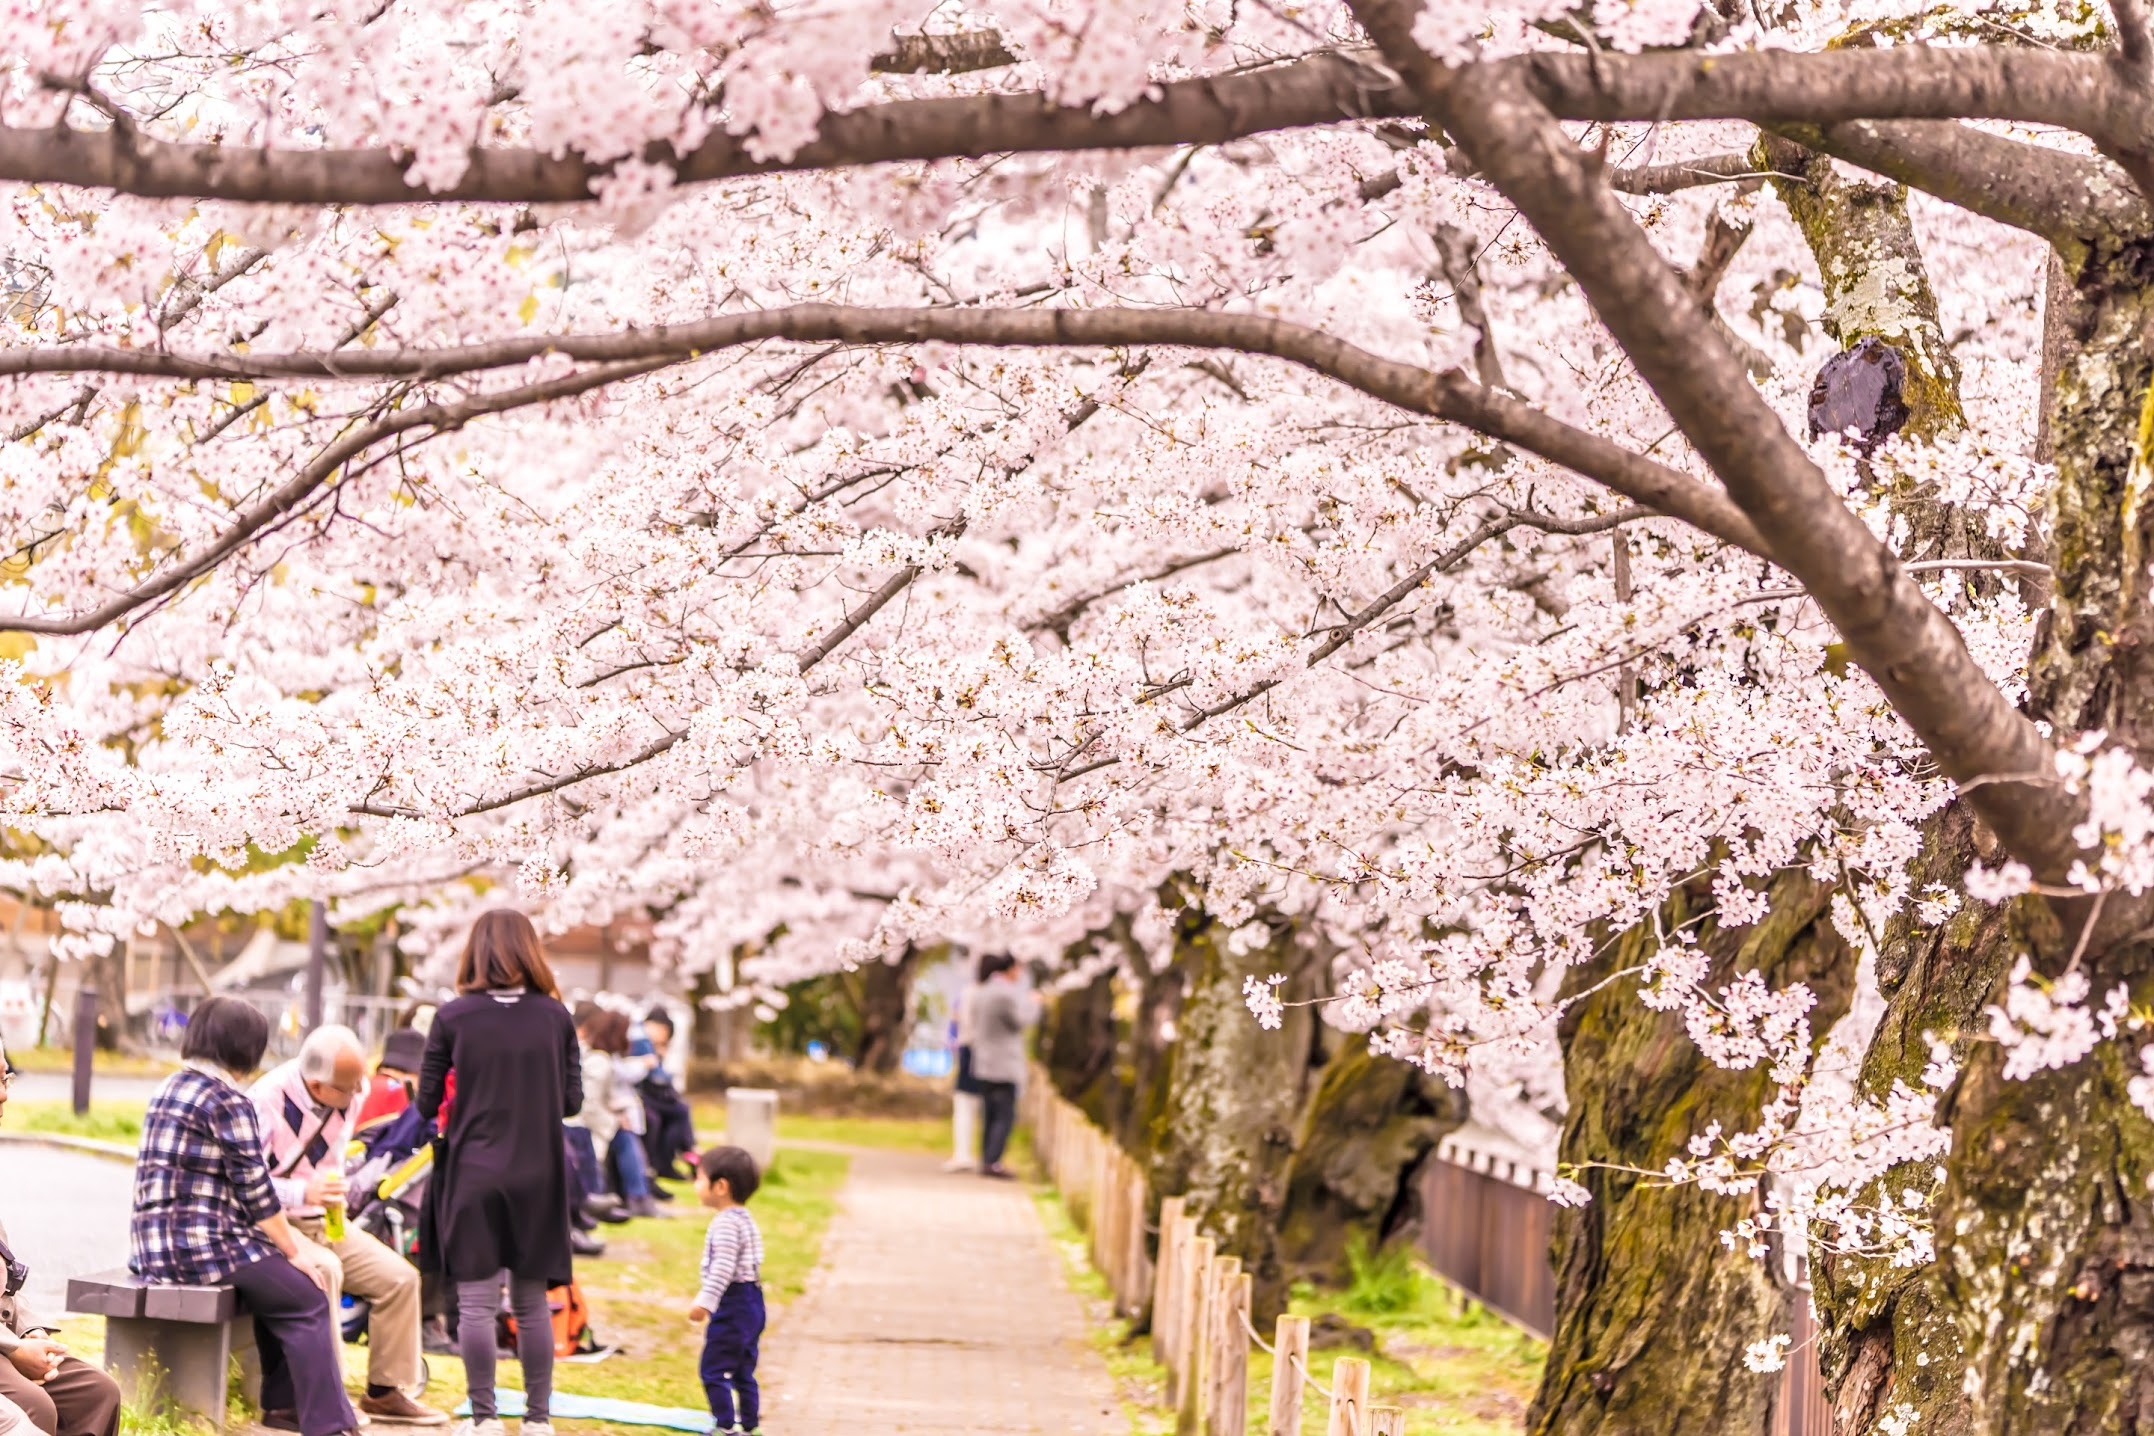 Kyoto okazaki park cherry blossoms